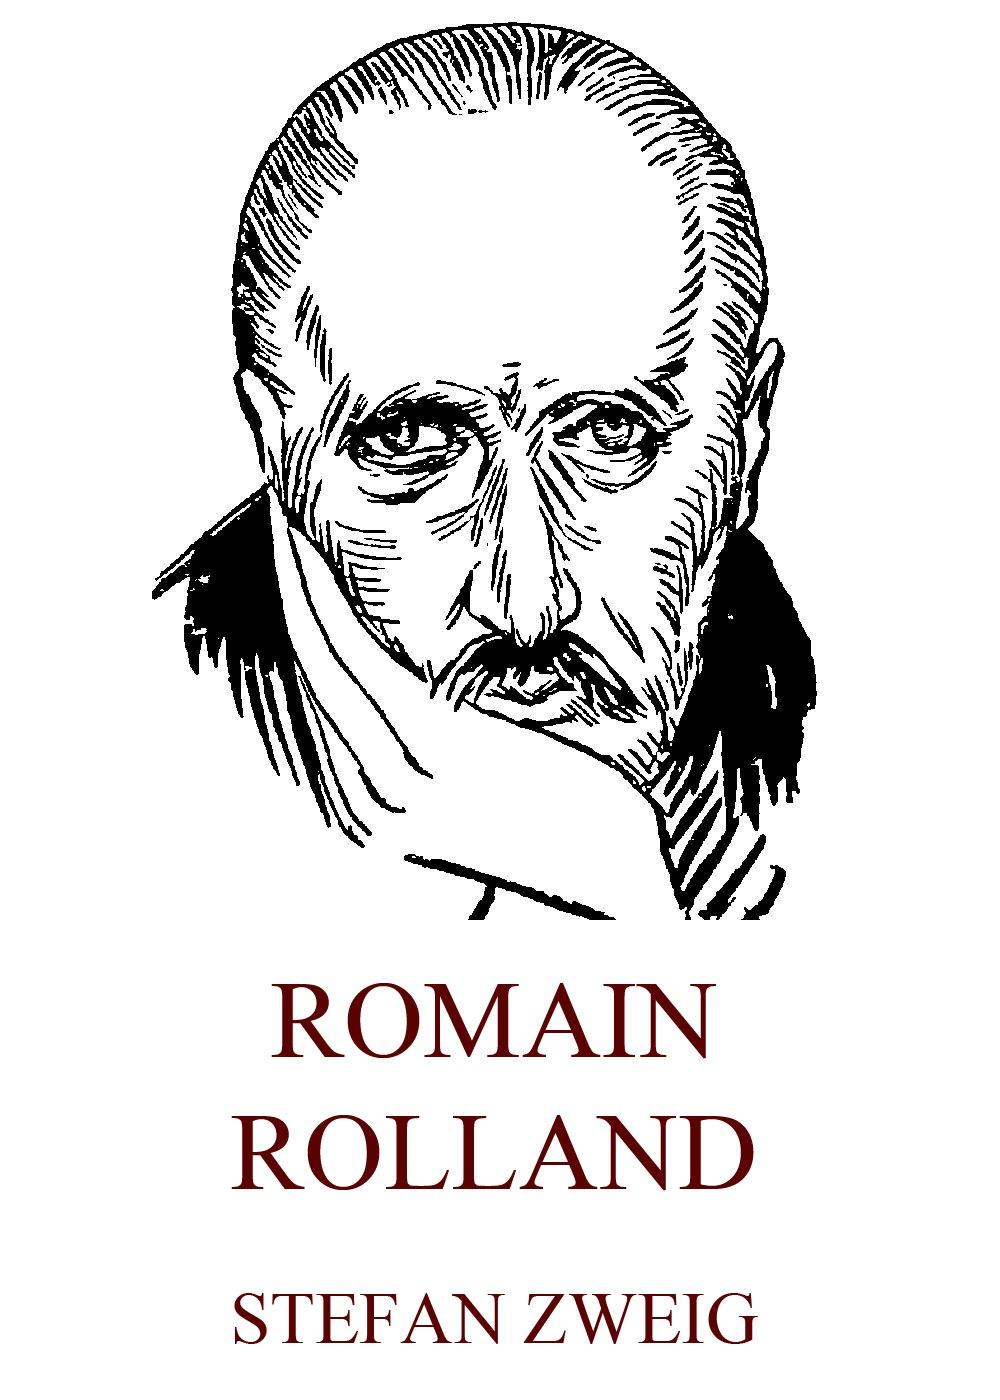 Stefan Zweig Romain Rolland